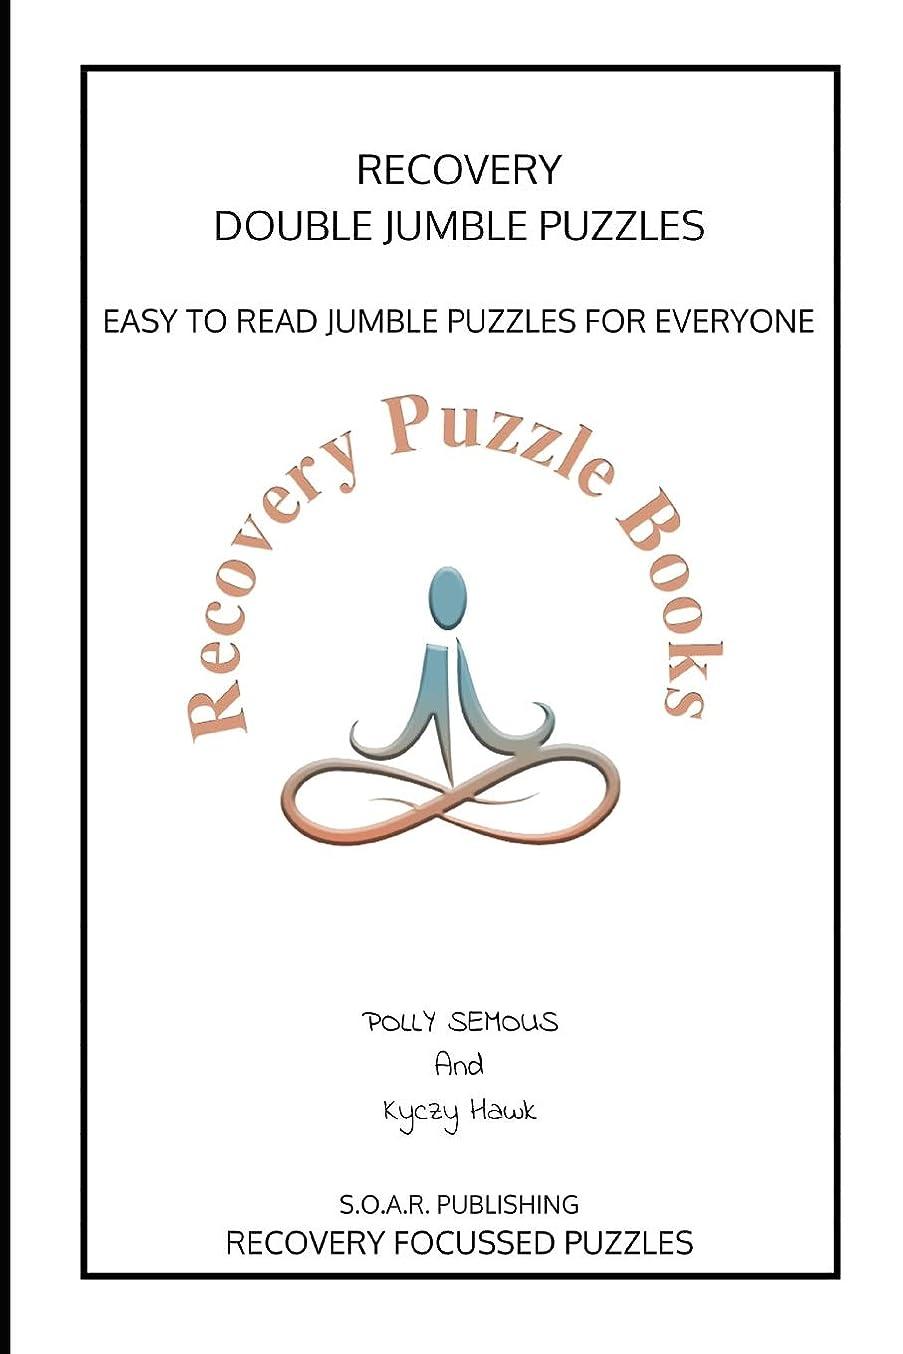 防水縁石啓発するRecovery Double Jumble Puzzles: EASY TO READ JUMBLE PUZZLES FOR EVERYONE